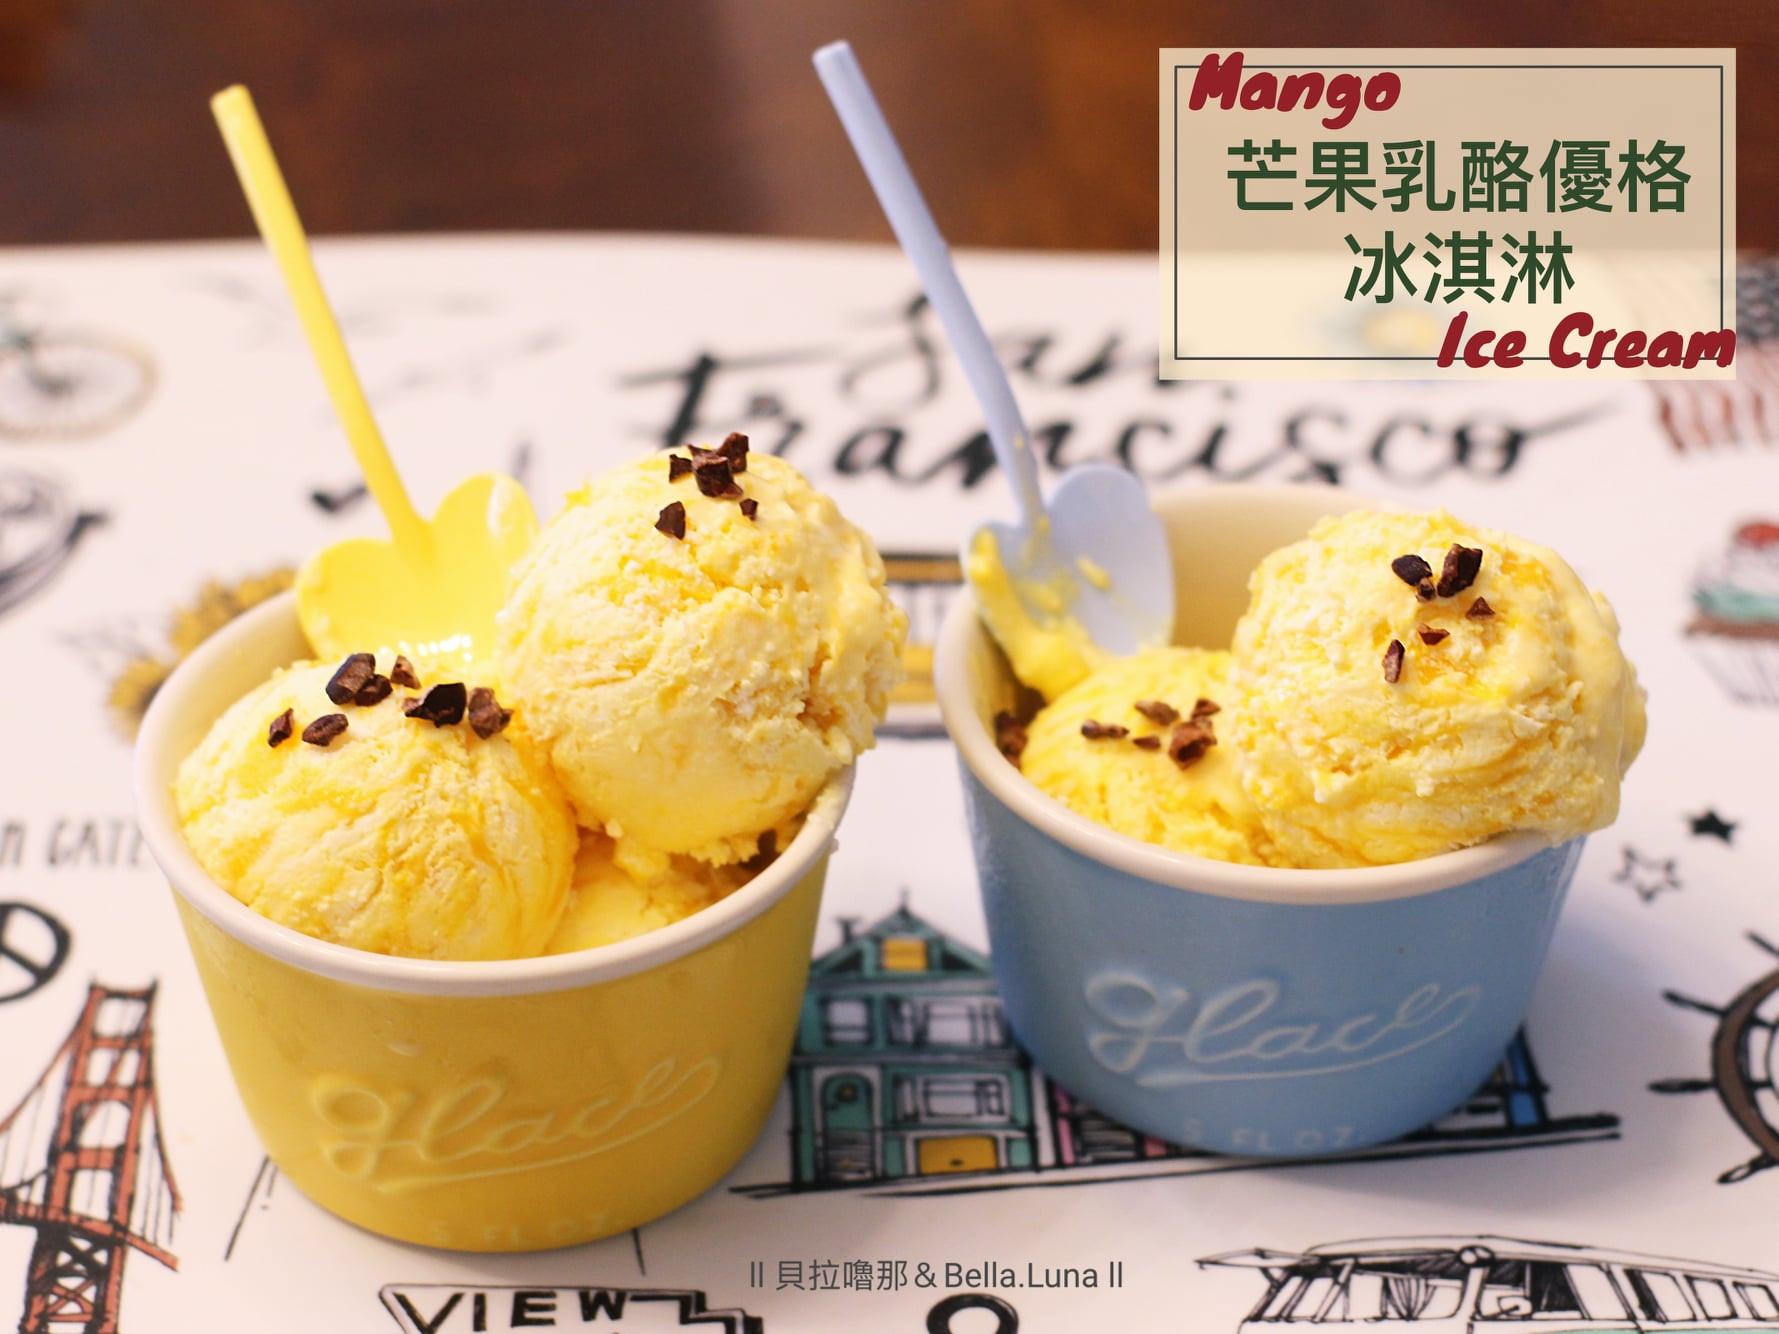 芒果乳酪優格冰淇淋 - 不需冰淇淋機!